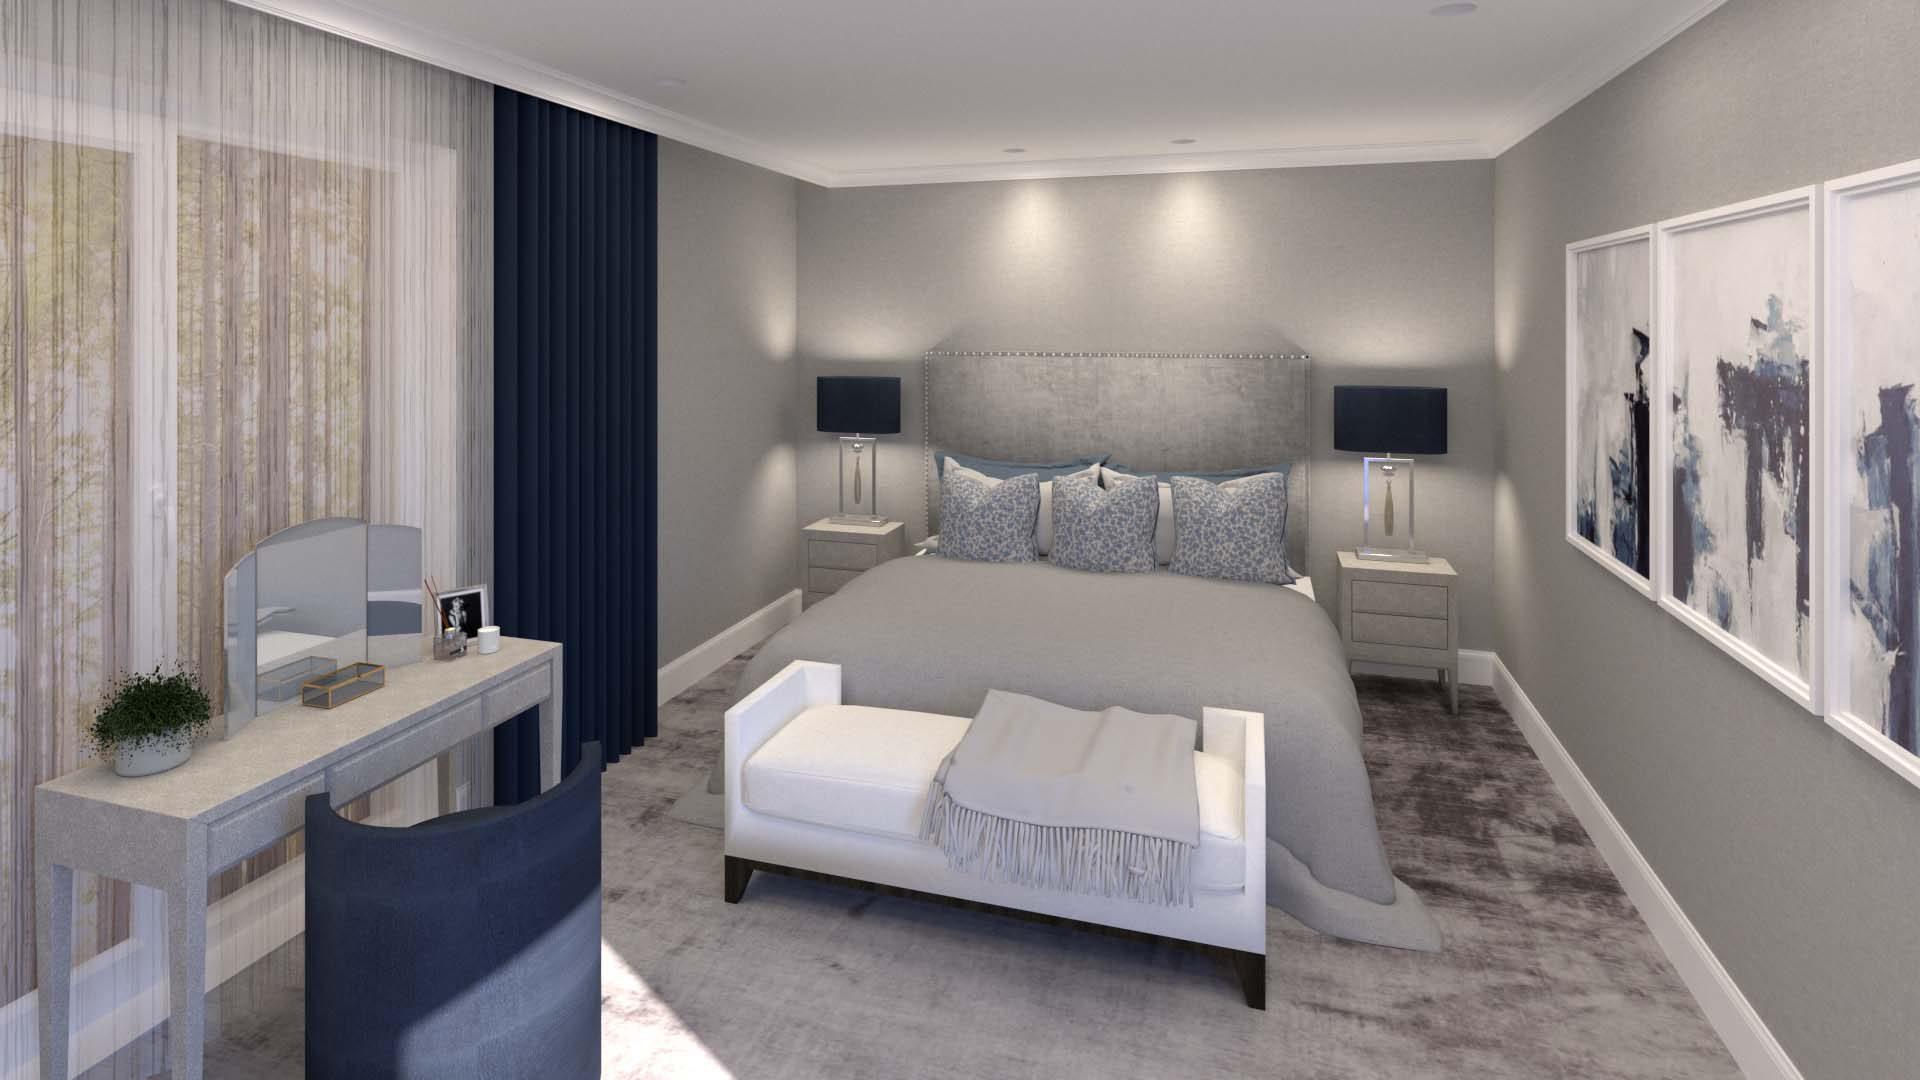 miegamasis NEWW - resized 1